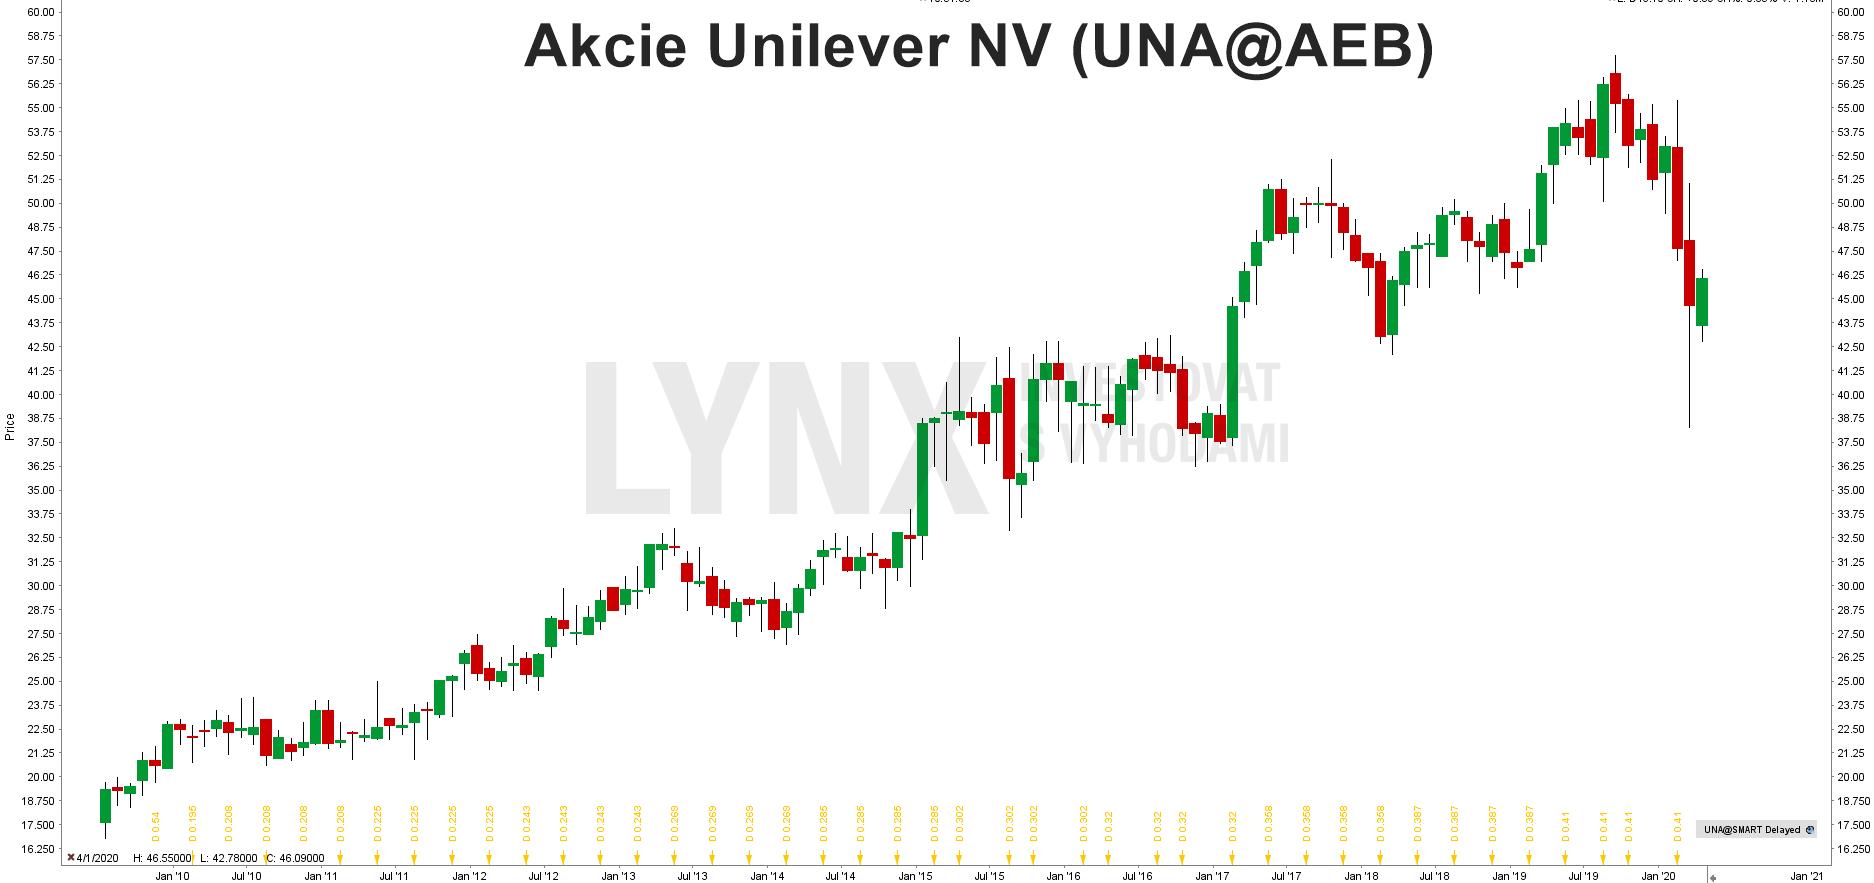 Graf akcie Unilever (UNA)